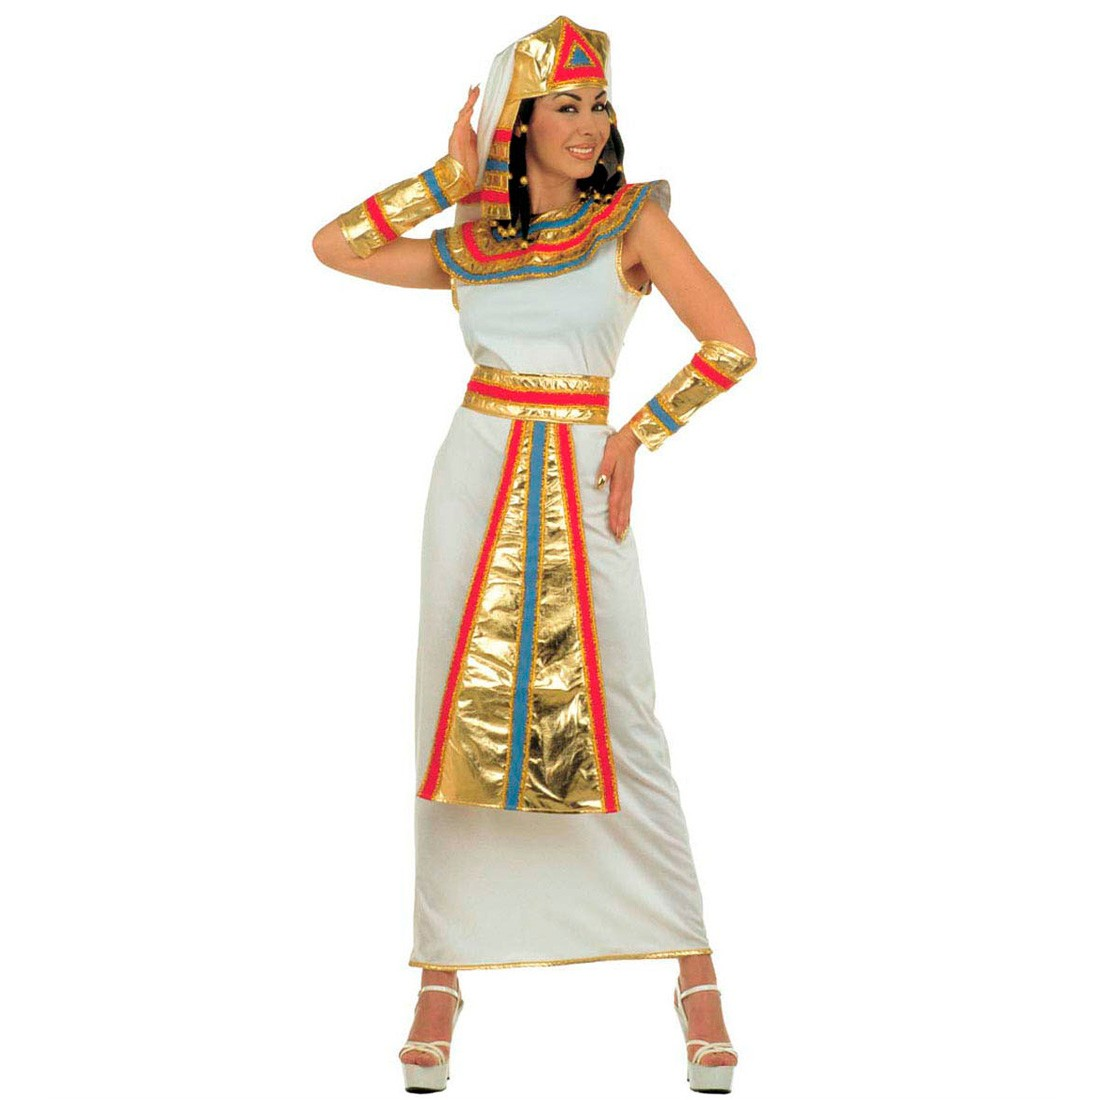 karnevalskost me cleopatra kost m kleopatra l 42 44 29 99. Black Bedroom Furniture Sets. Home Design Ideas